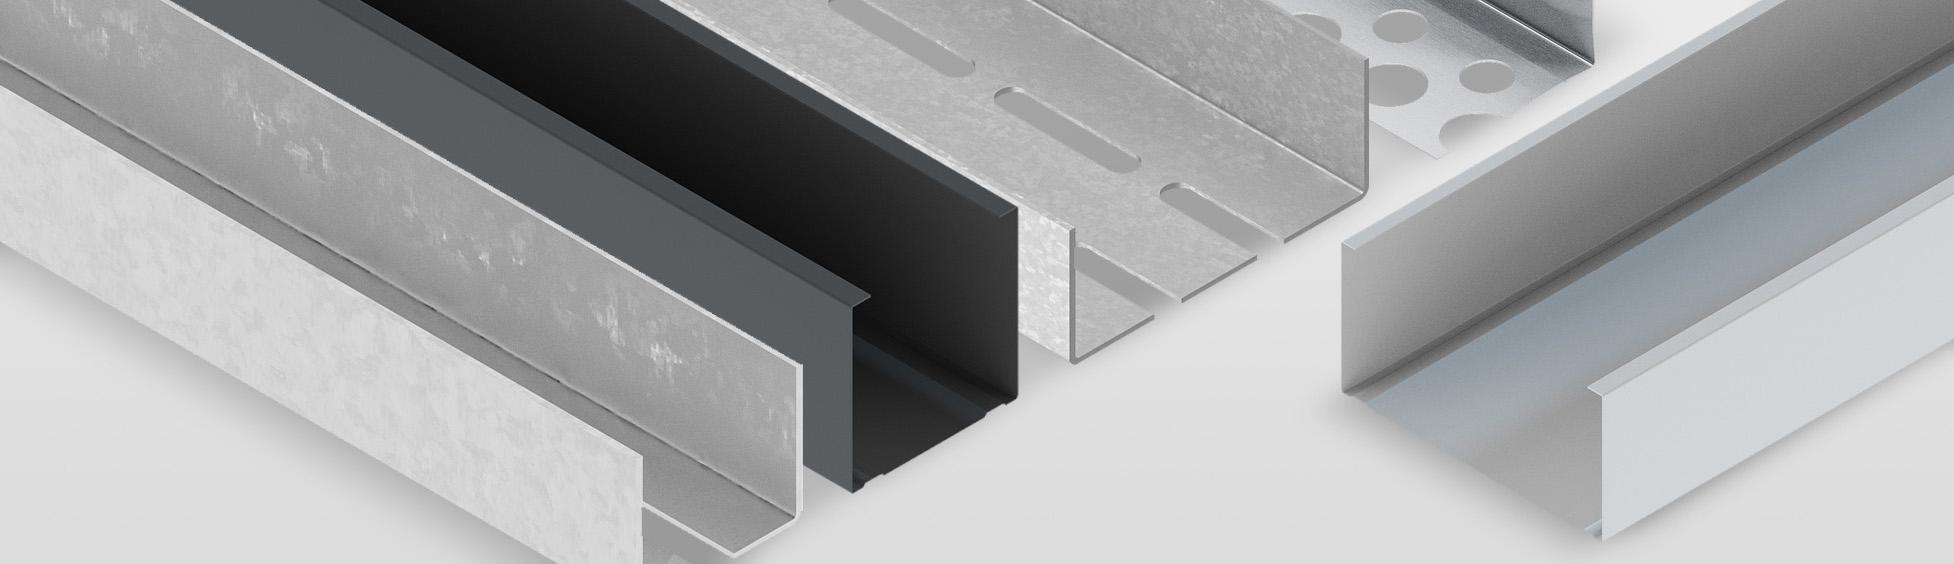 Profile metalice Siniat - Produsele Siniat Romania: